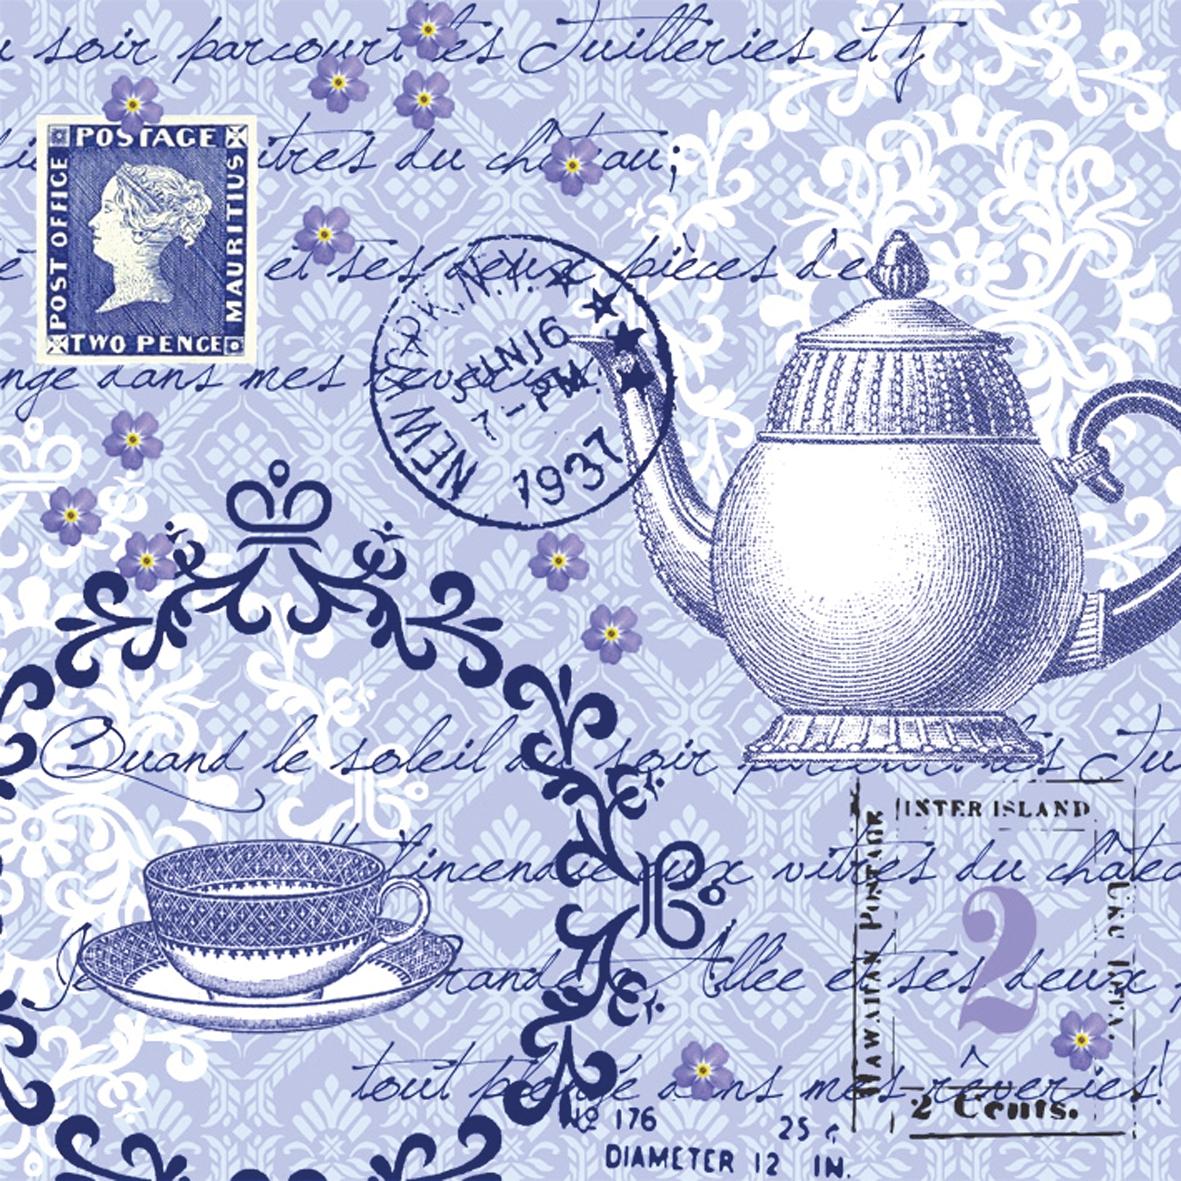 Servietten / Kaffee - Tee,  Sonstiges - Schriften,  Blumen -  Sonstige,  Getränke Kaffee / Tee,  Everyday,  lunchservietten,  Teetasse,  Blumen,  Schriften